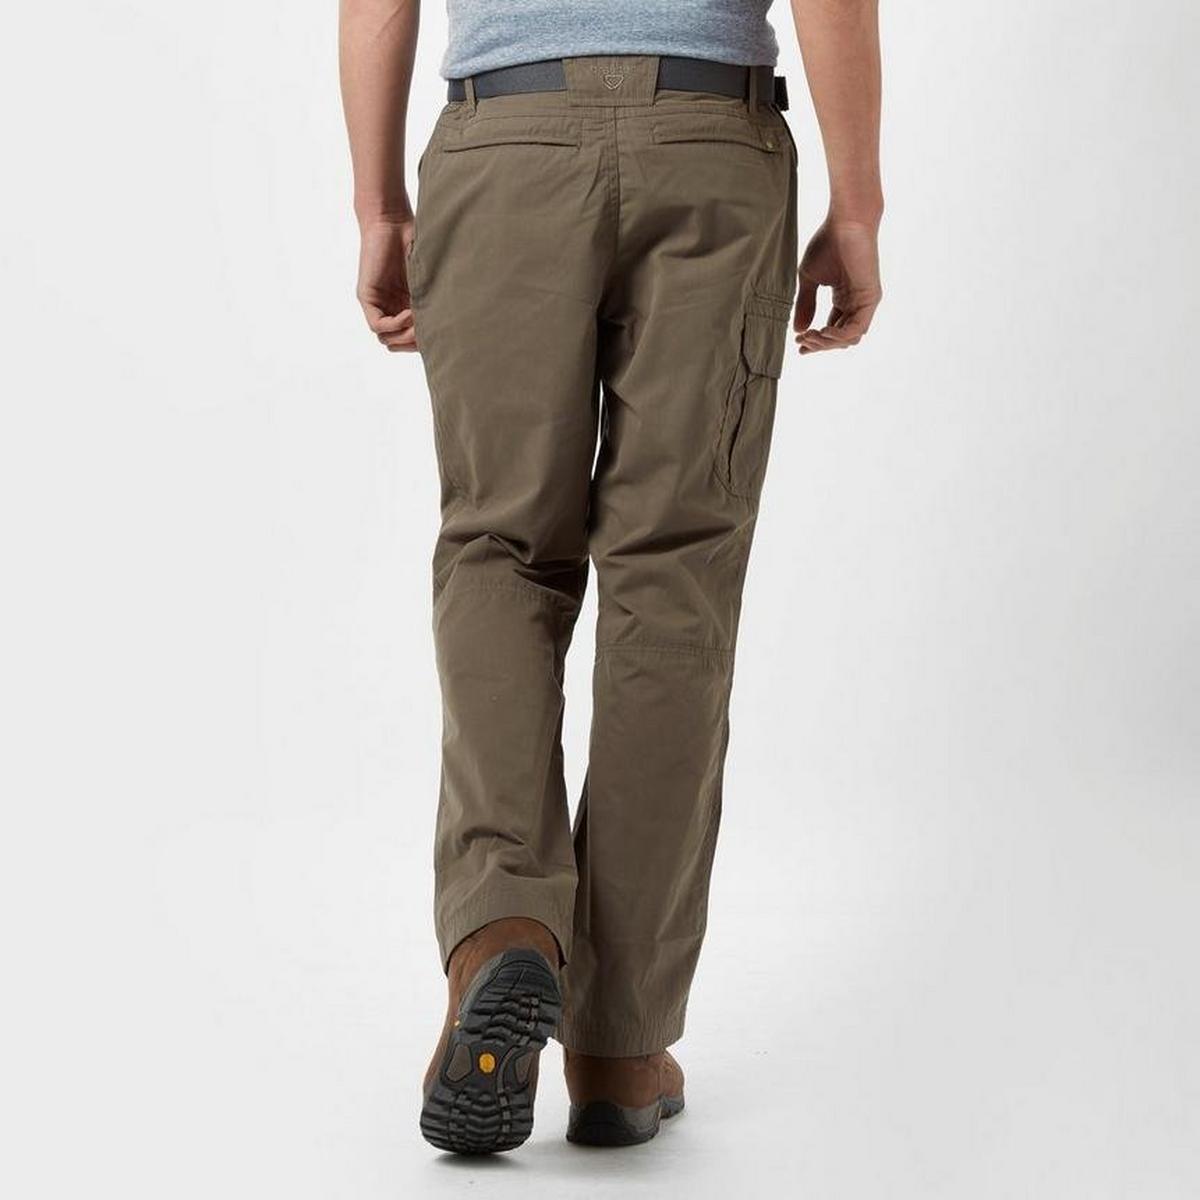 Brasher Men's Brasher Walking Trouser (Short) - Brown